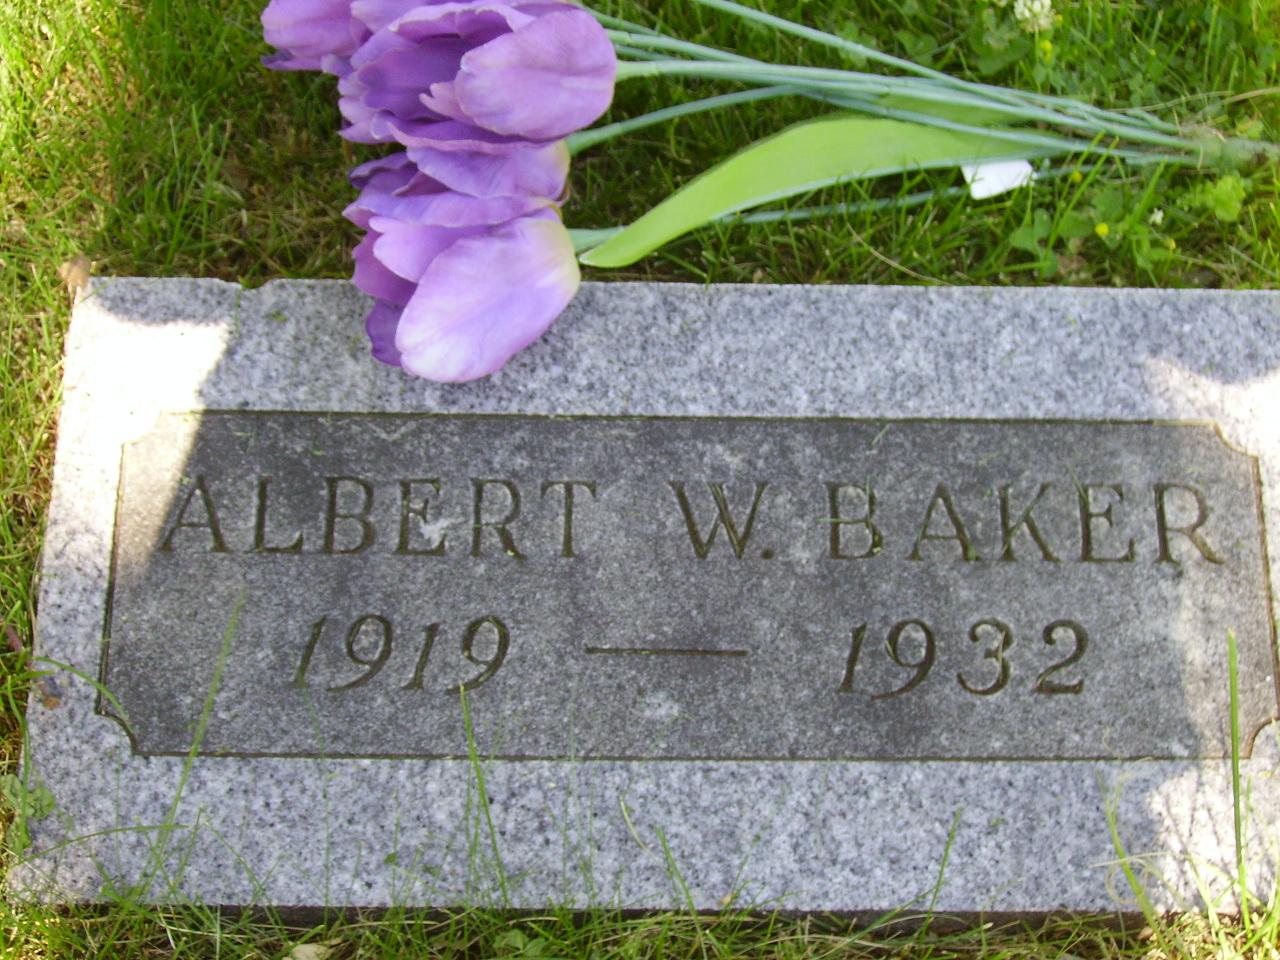 Albert Willis Baker